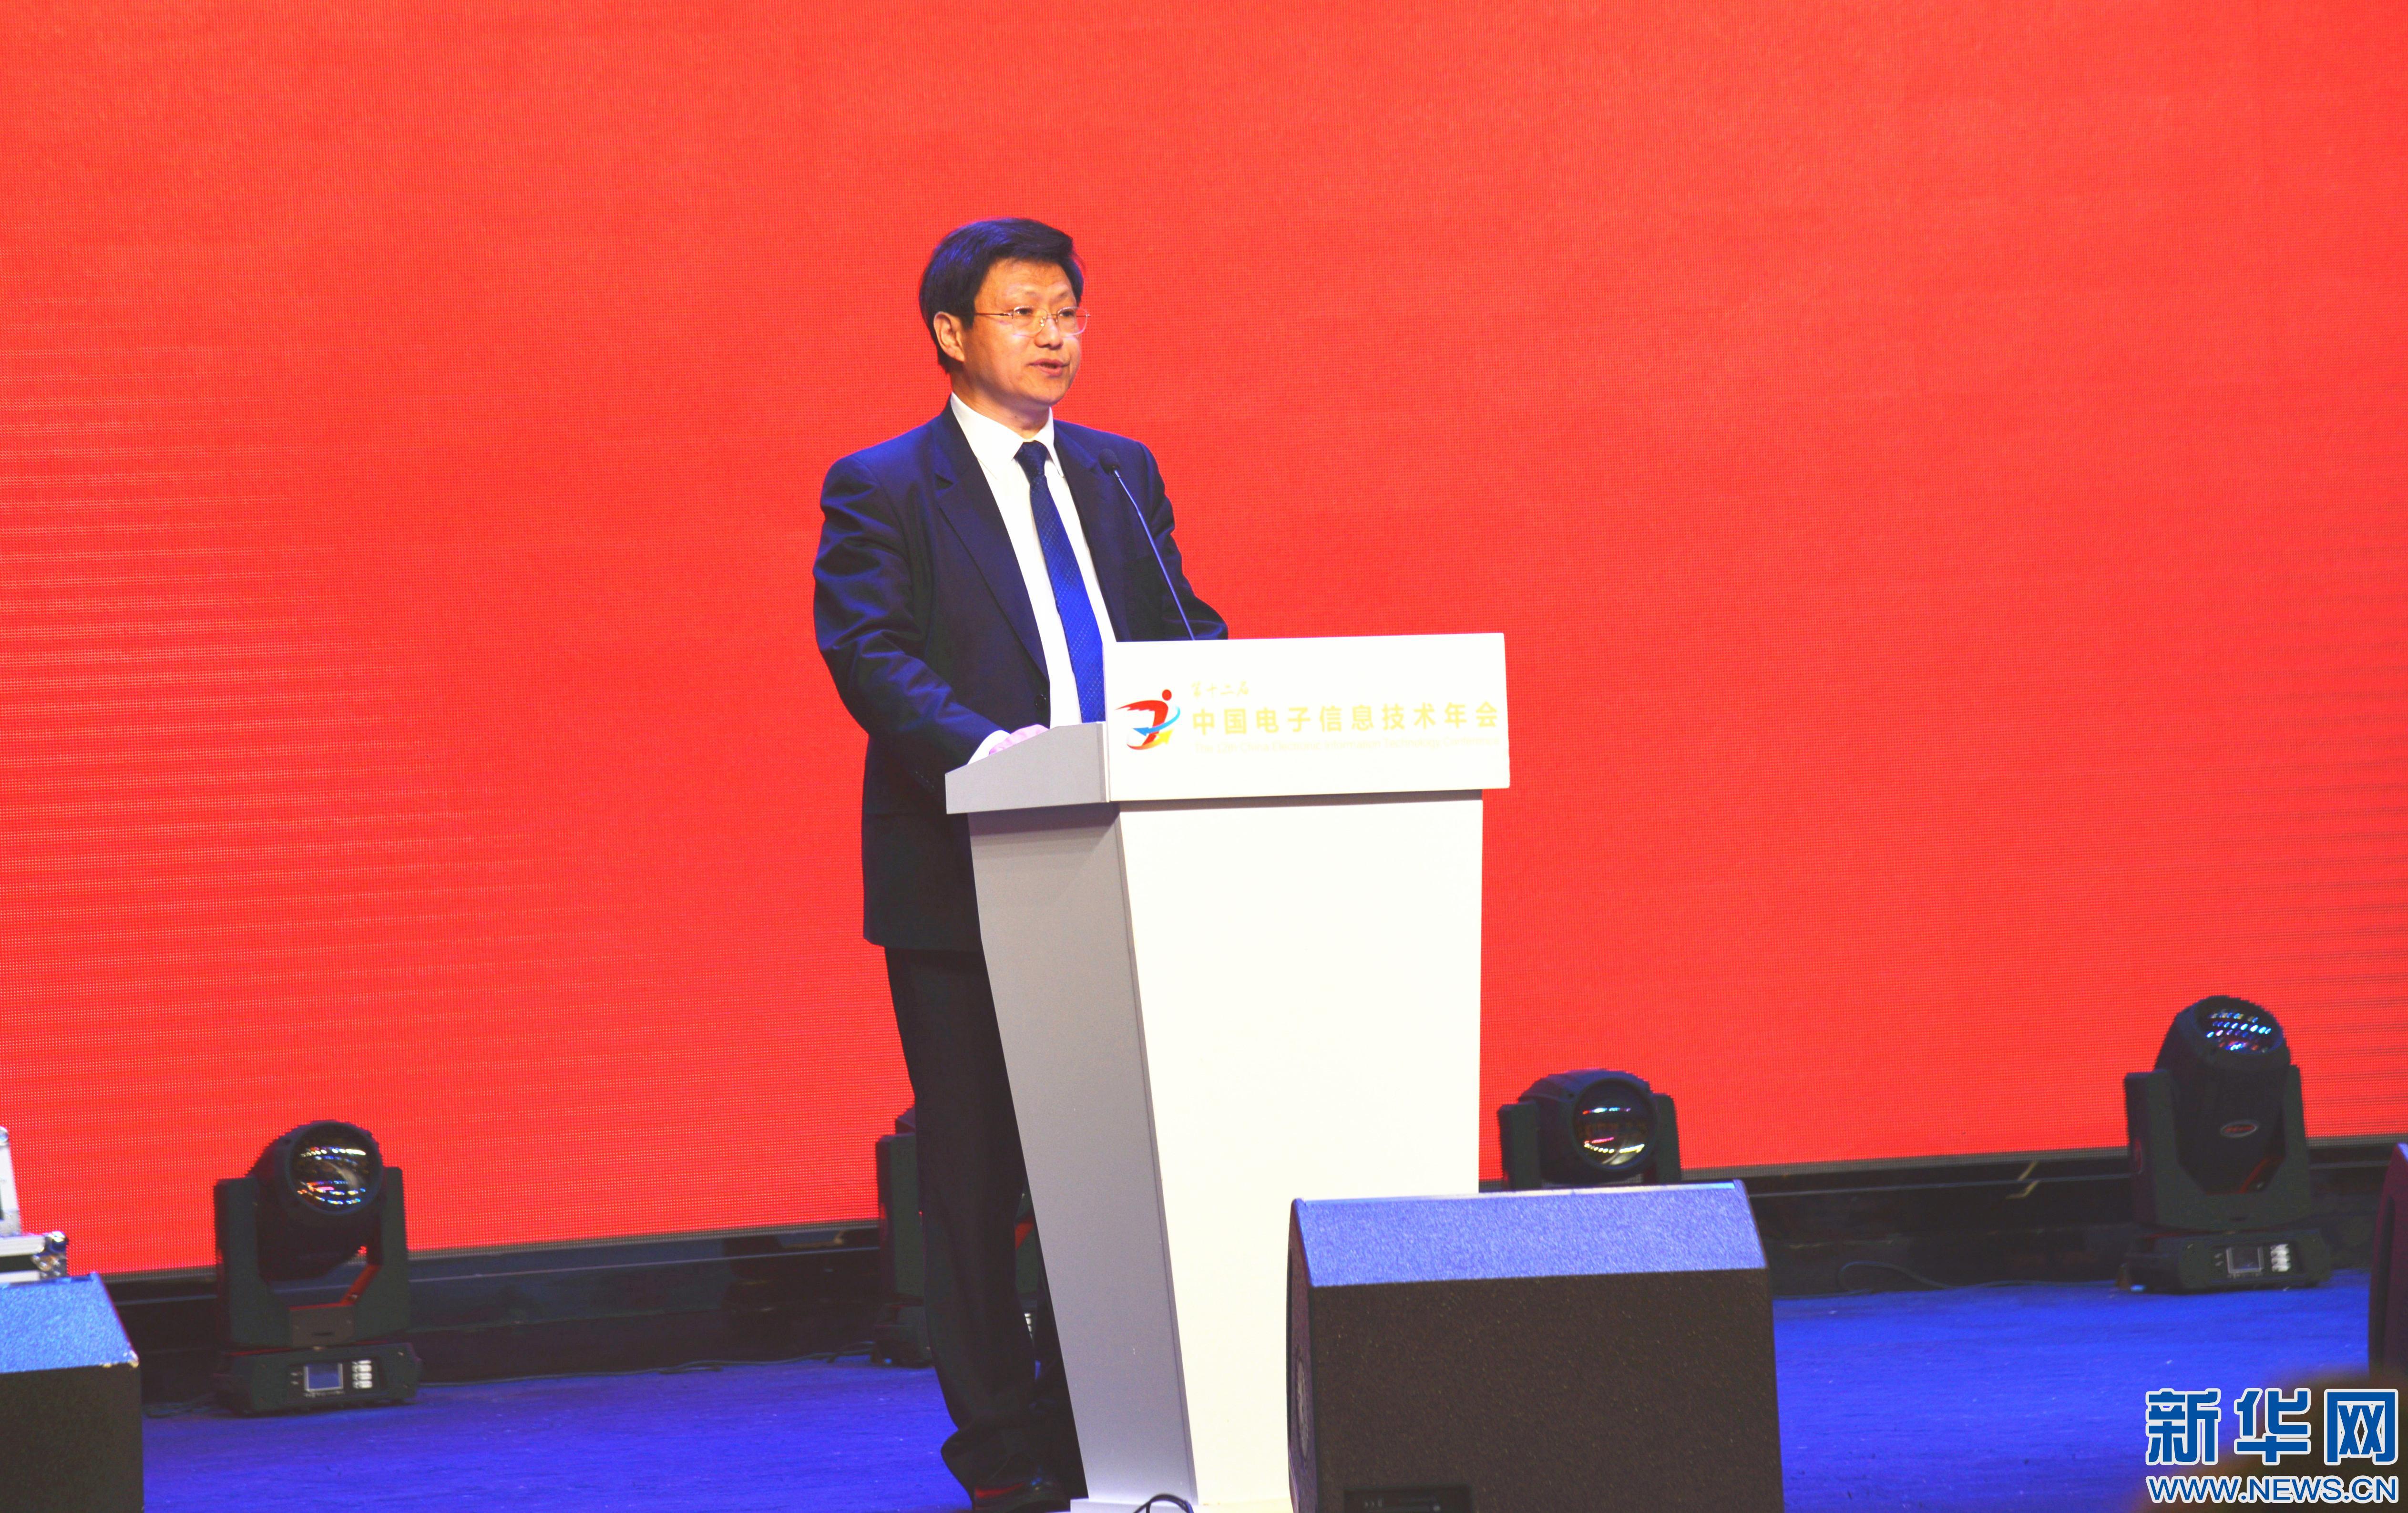 第十二届中国电子信息技术年会27日在石举办